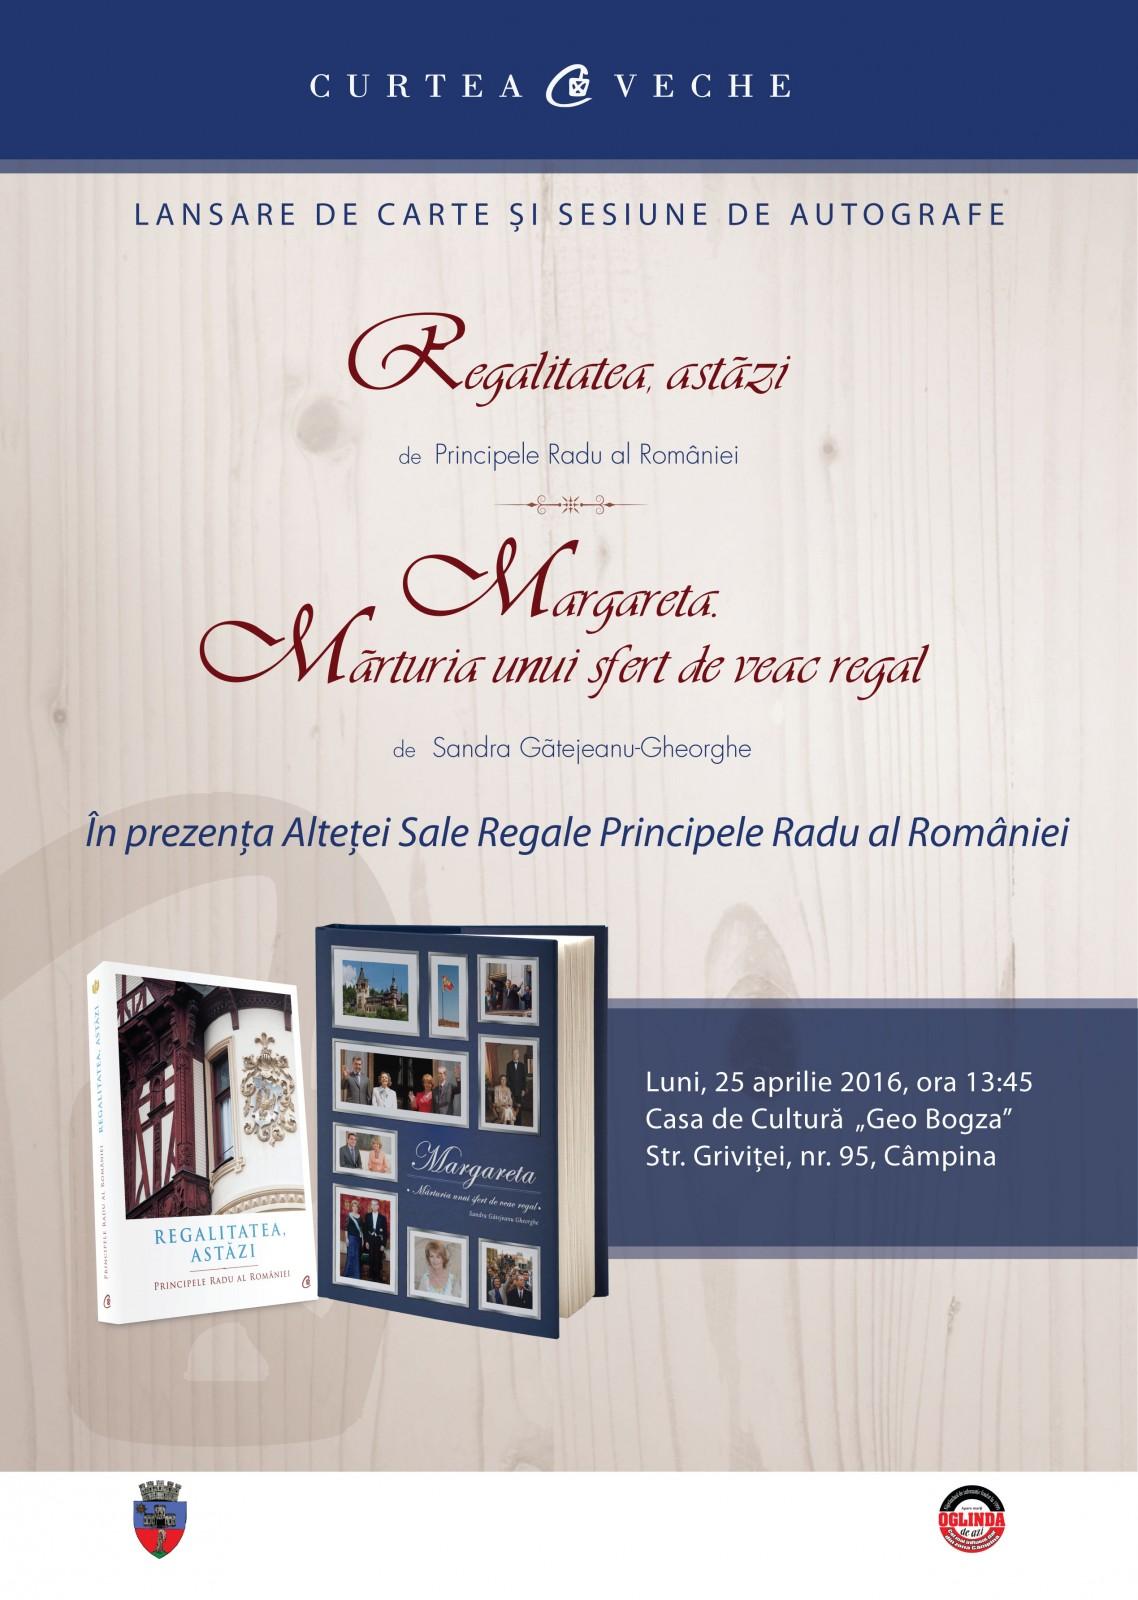 Prezentare de carte regală în prezența  ASR Principele Radu al României la Câmpina